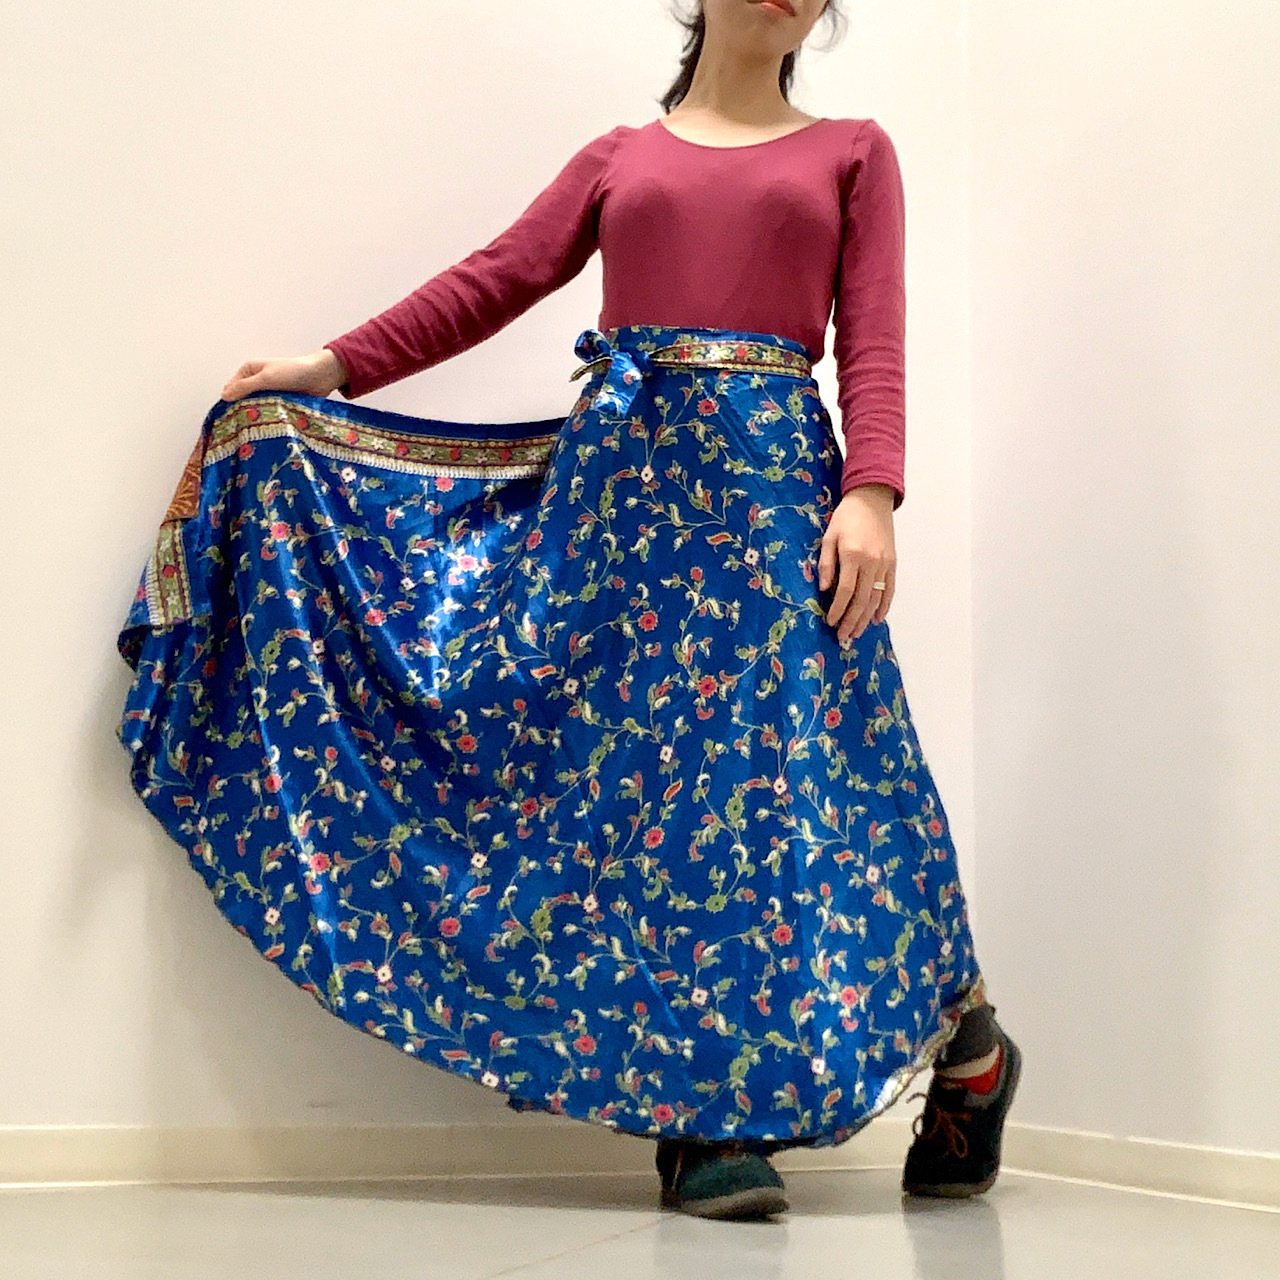 vdsl-001 ビンテージシルクサリー 巻きスカート【ブルーパルメット】